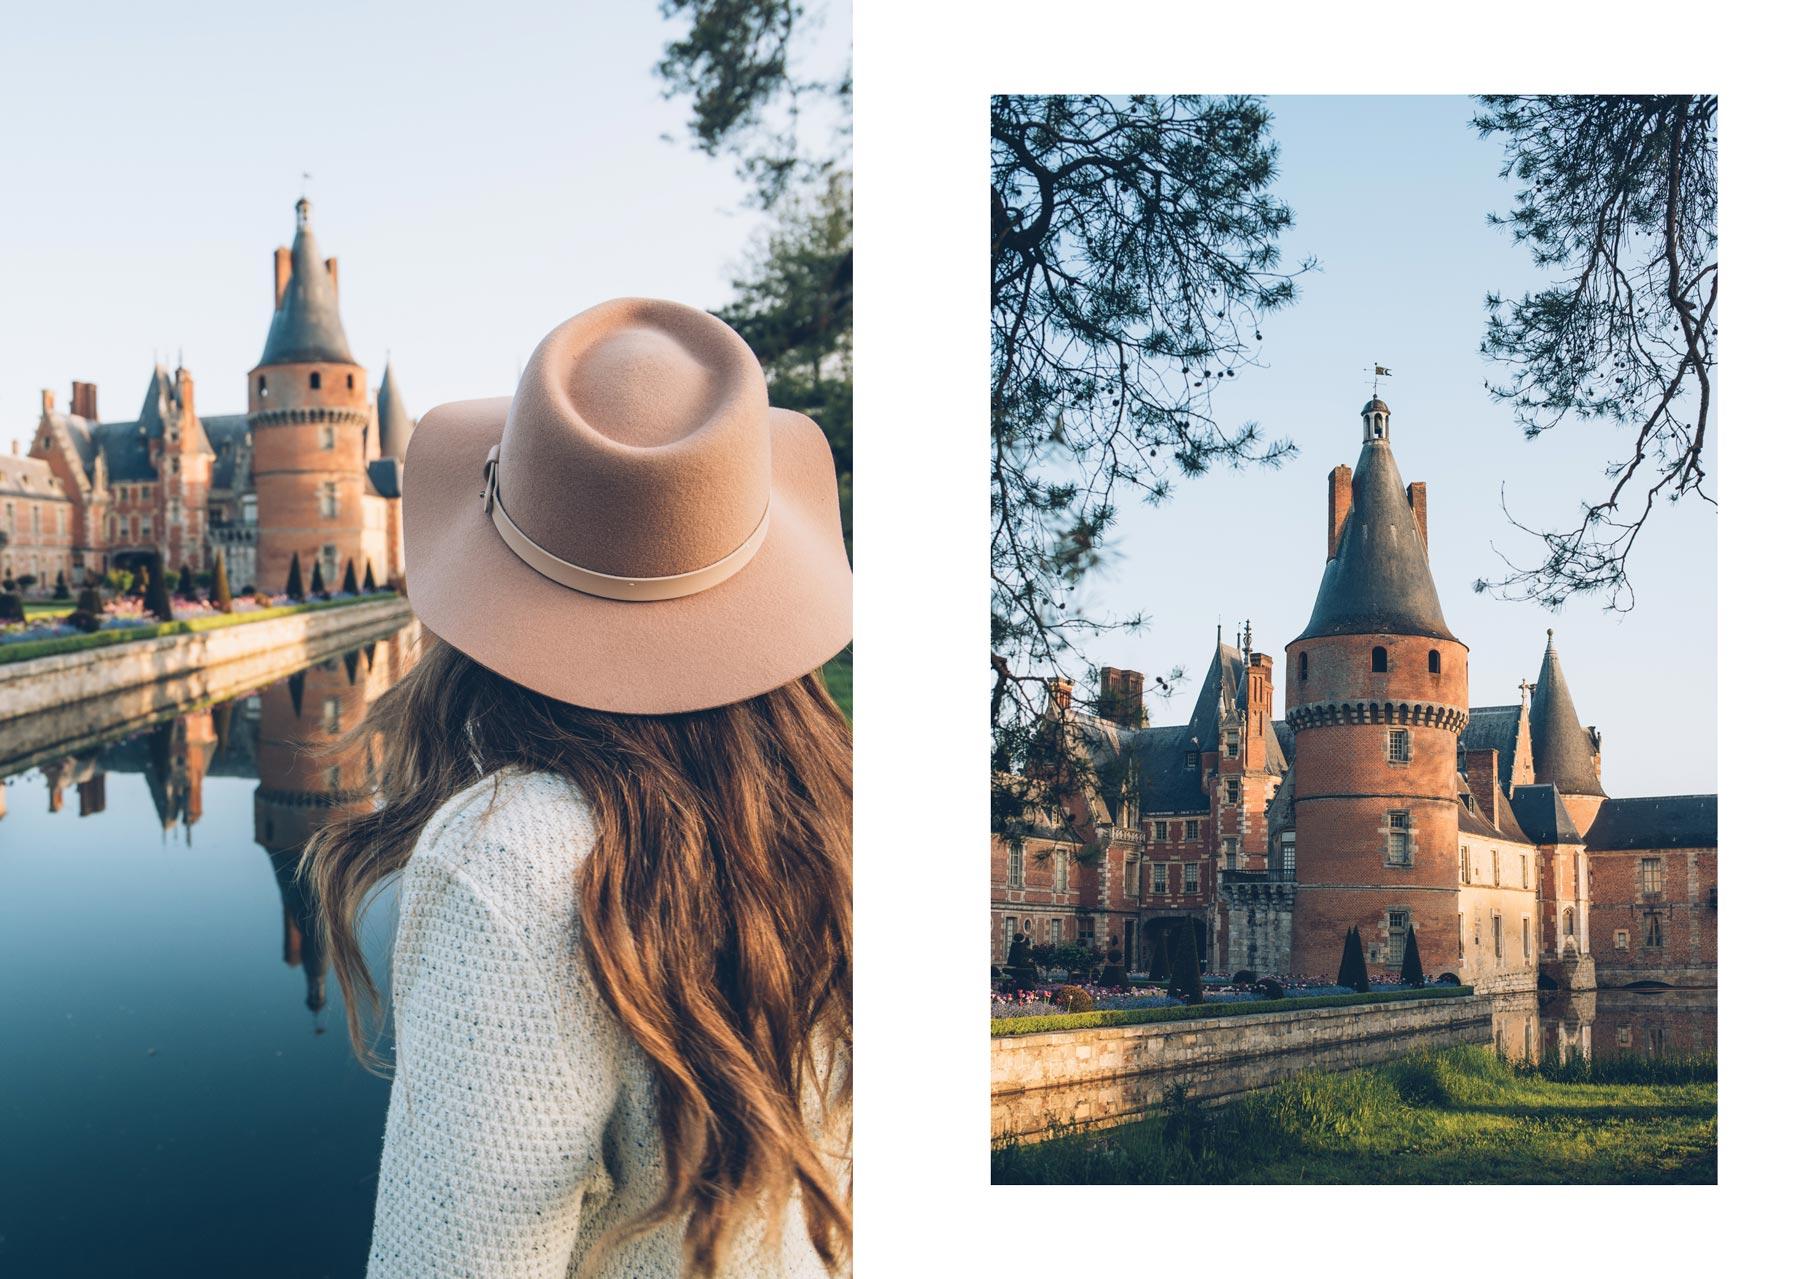 Chateau de Maintenon, Notre coup de coeur